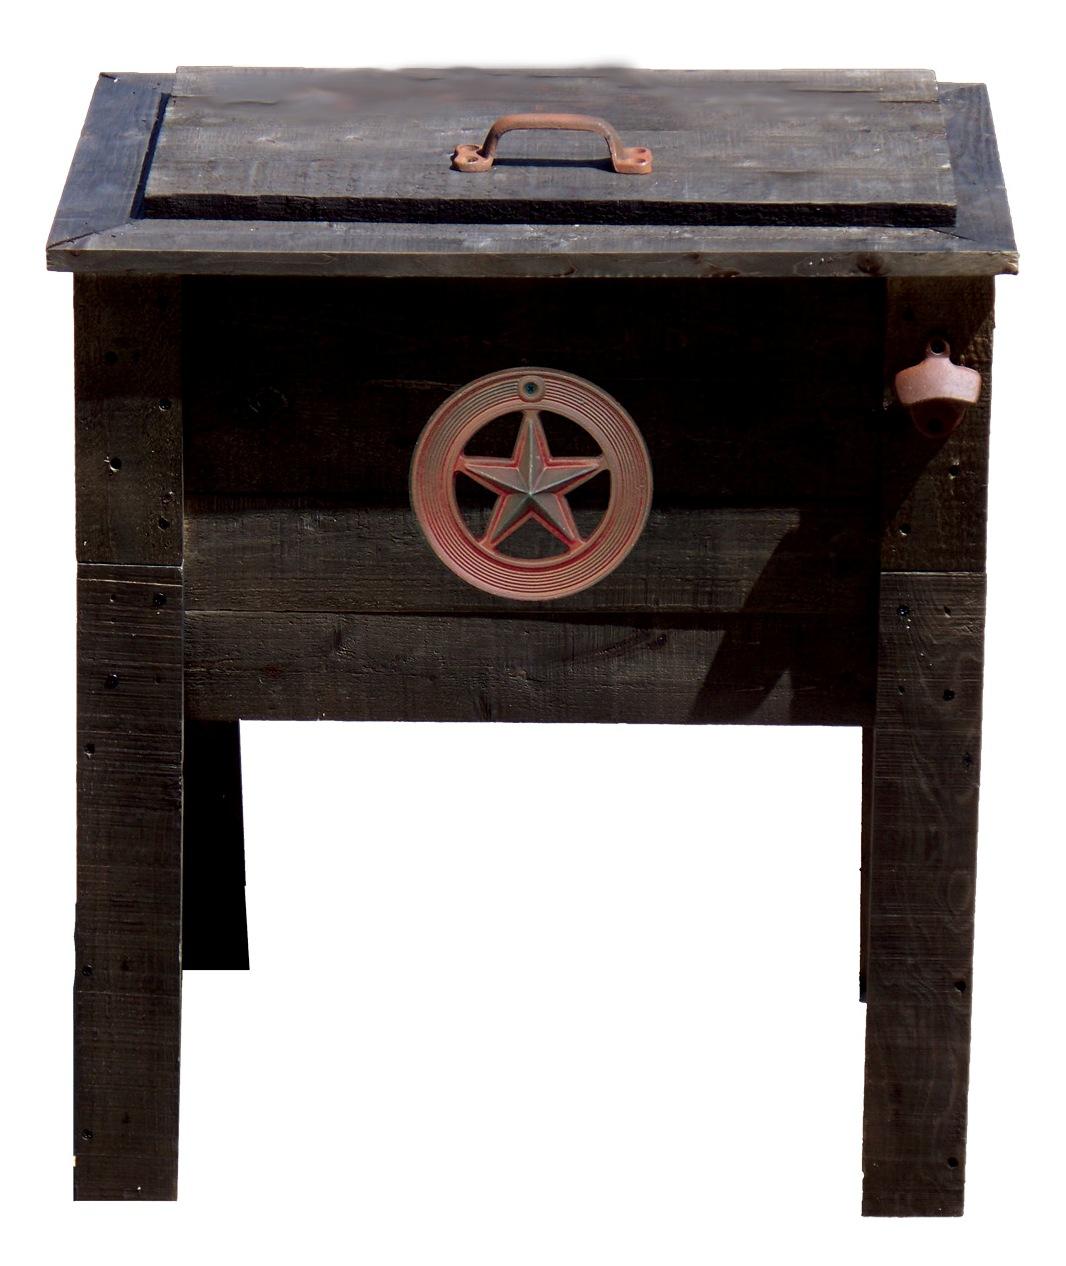 Outdoor Ventures 57 Qt. Rustic Wooden Deck Cooler Star